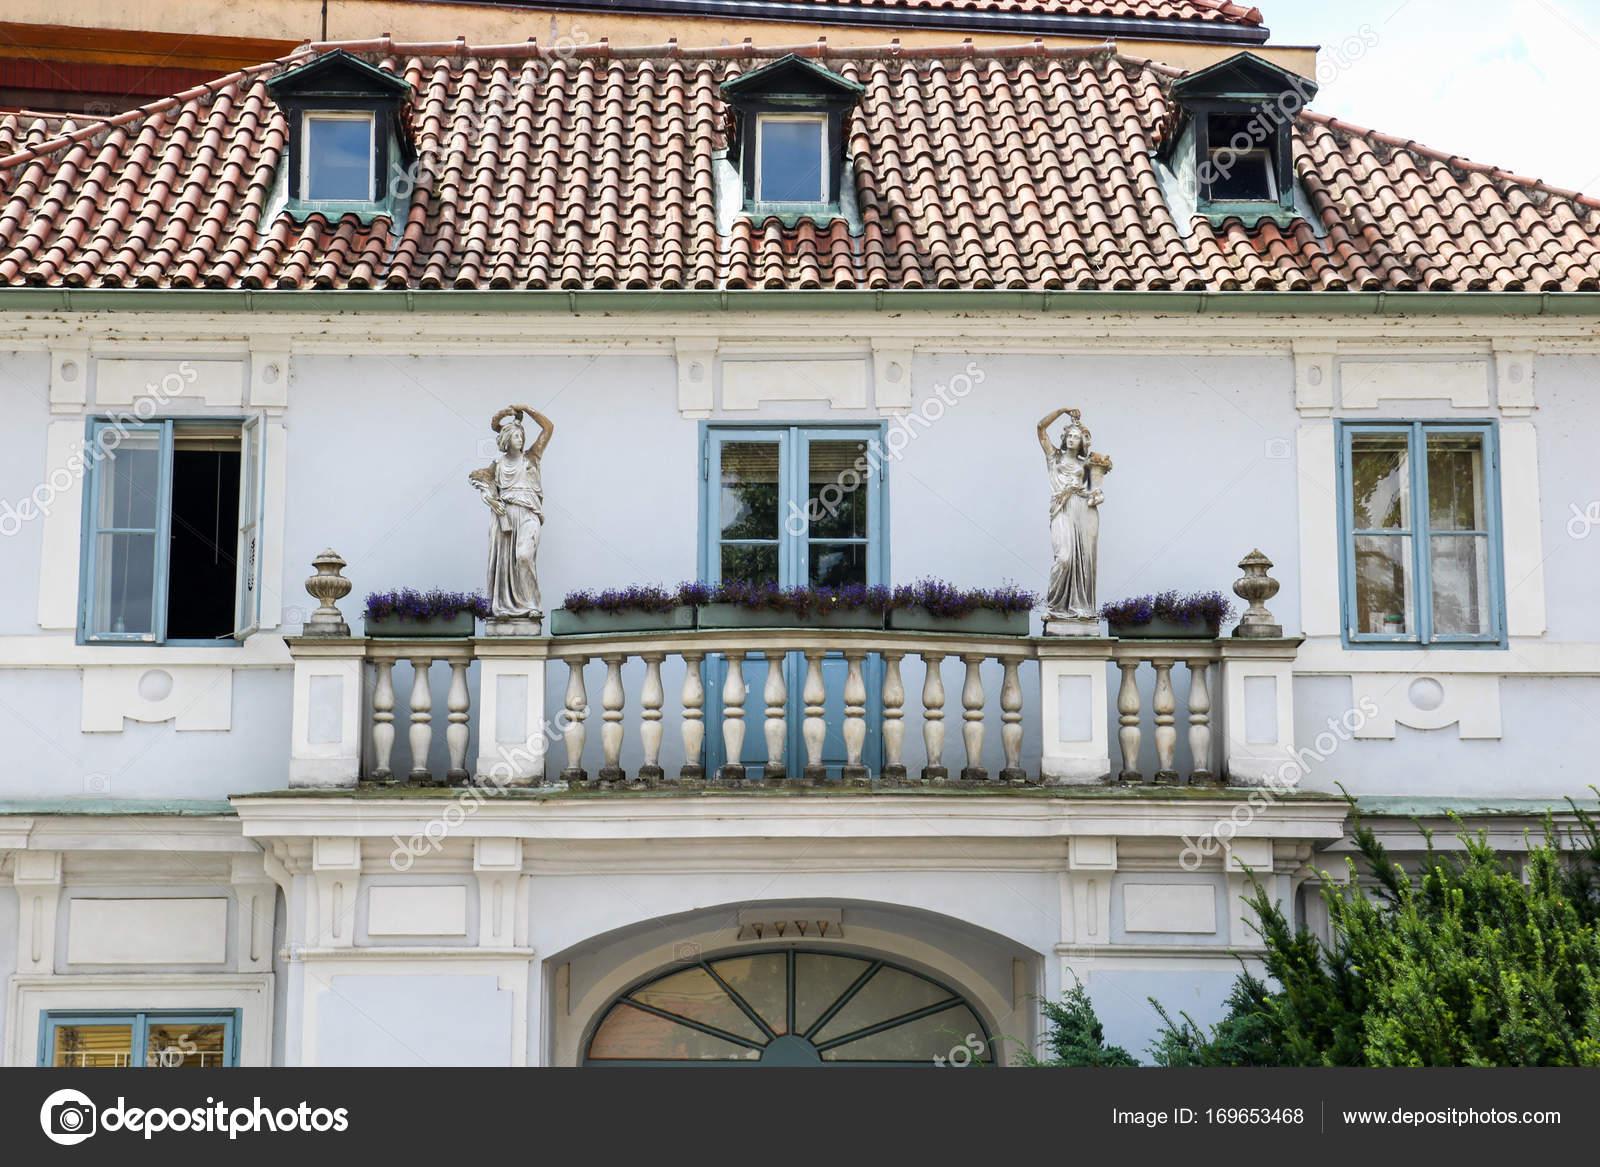 Casas vintage fachada con balcones y estatuas fotos de for Casa moderna vintage